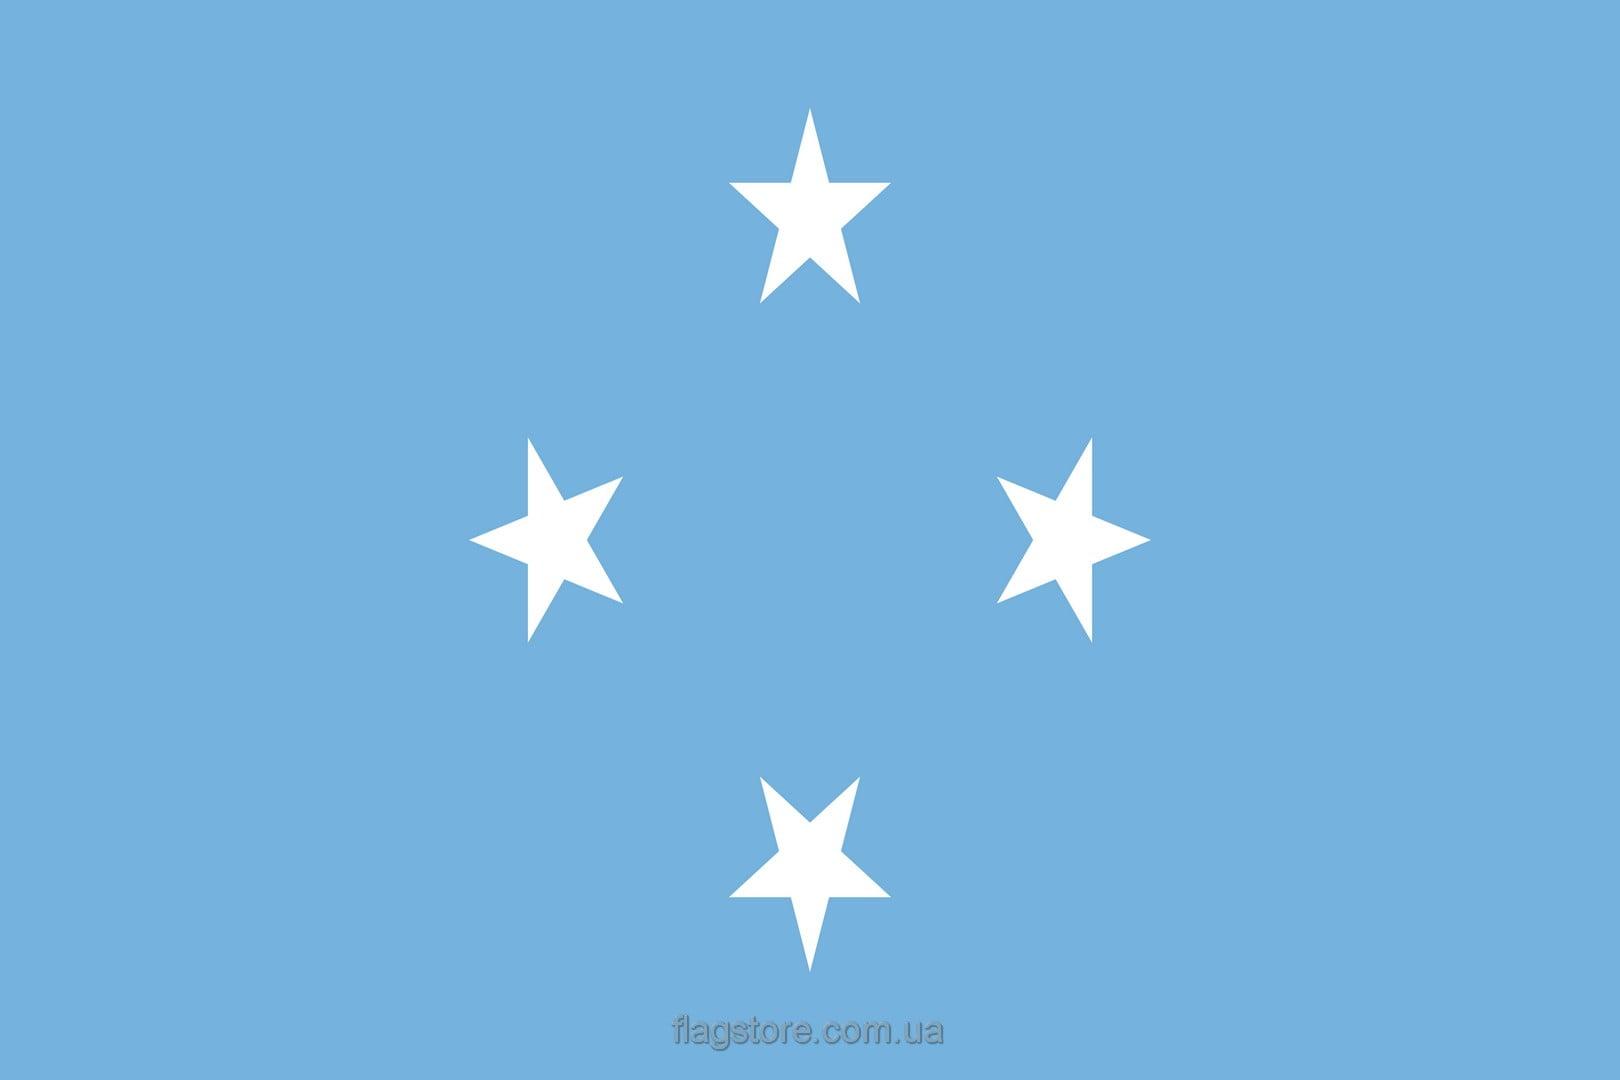 Купить флаг Федеративных Штатов Микронезии (страны Федеративные Штаты Микронезии)